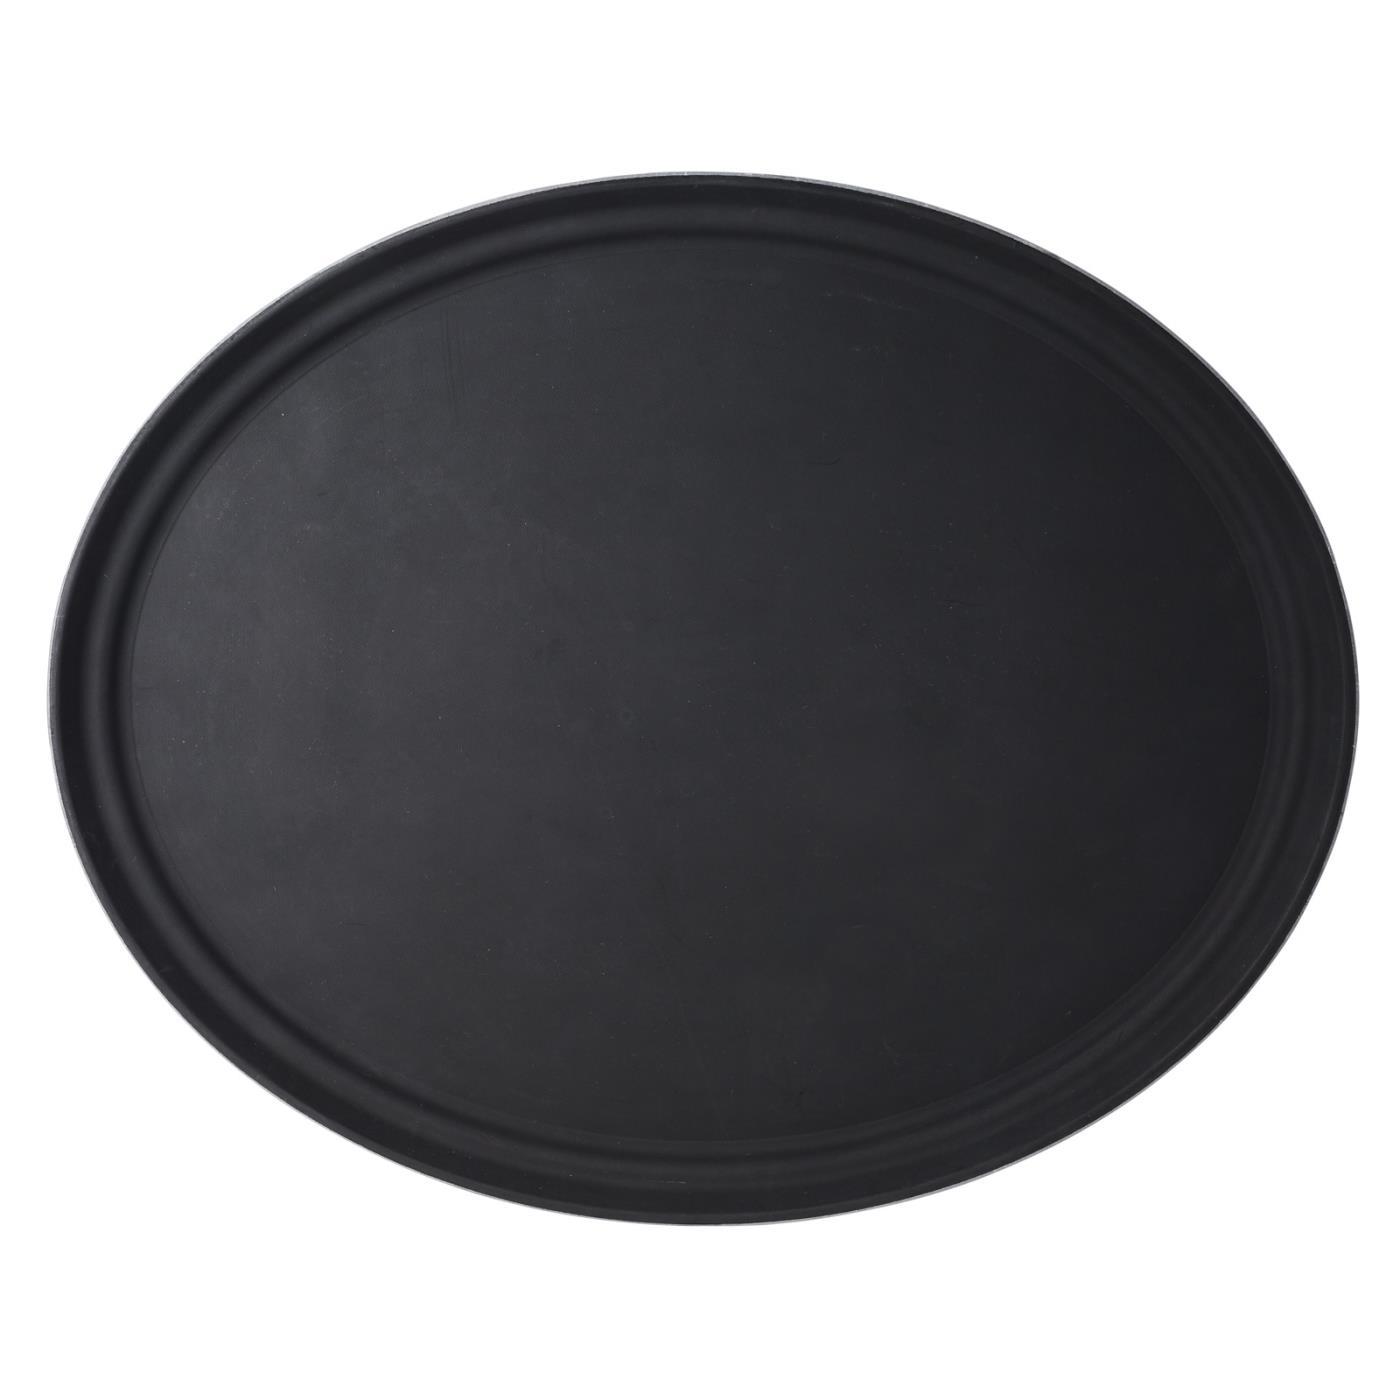 Waiter Tray - Large